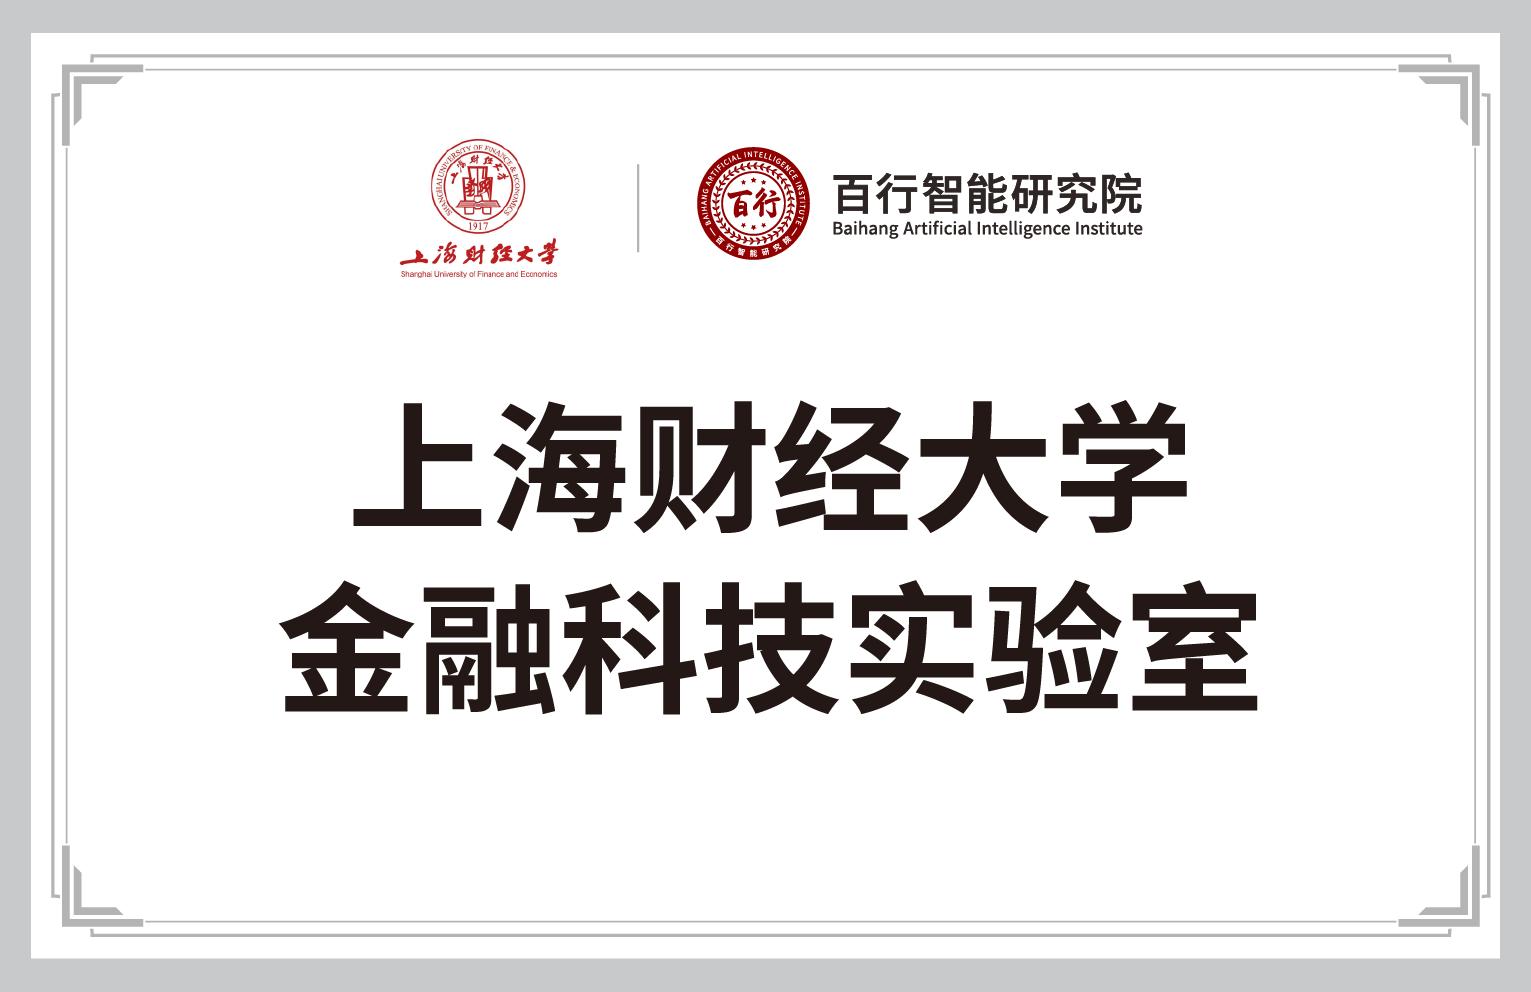 上海财经大学-百行智能研究院-金融科技实验室